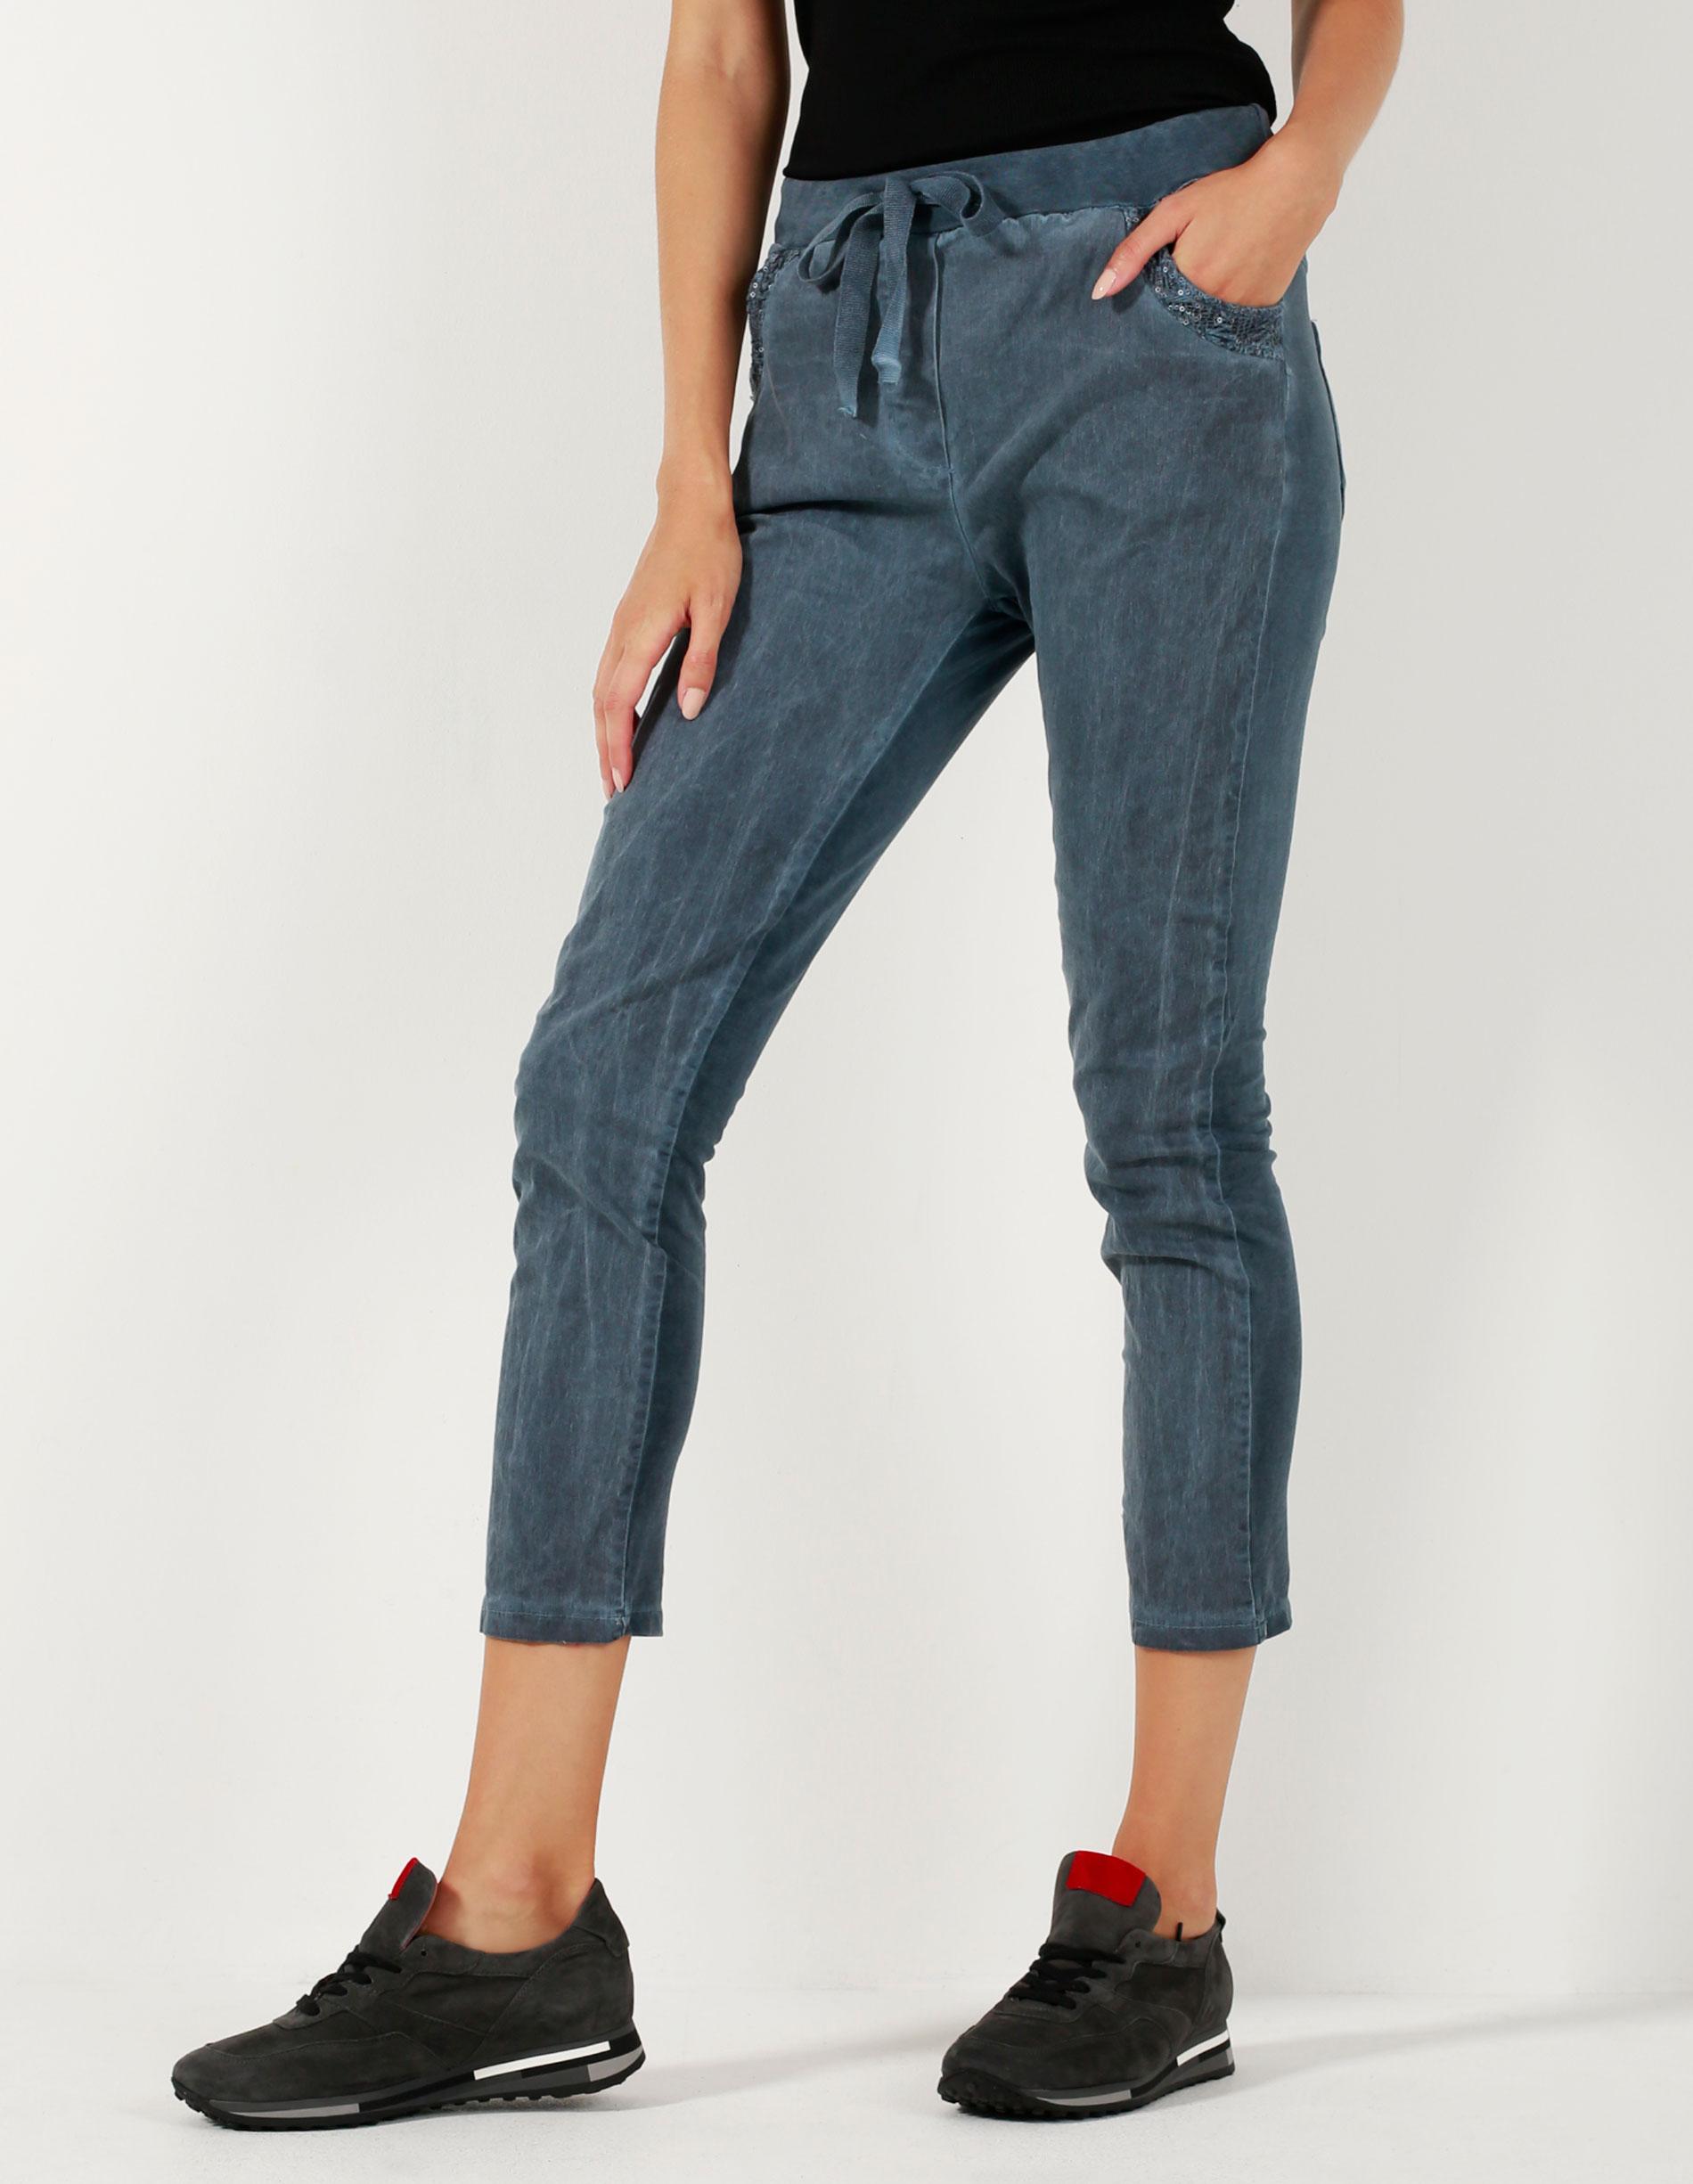 Spodnie - 147-1115 BLSC - Unisono